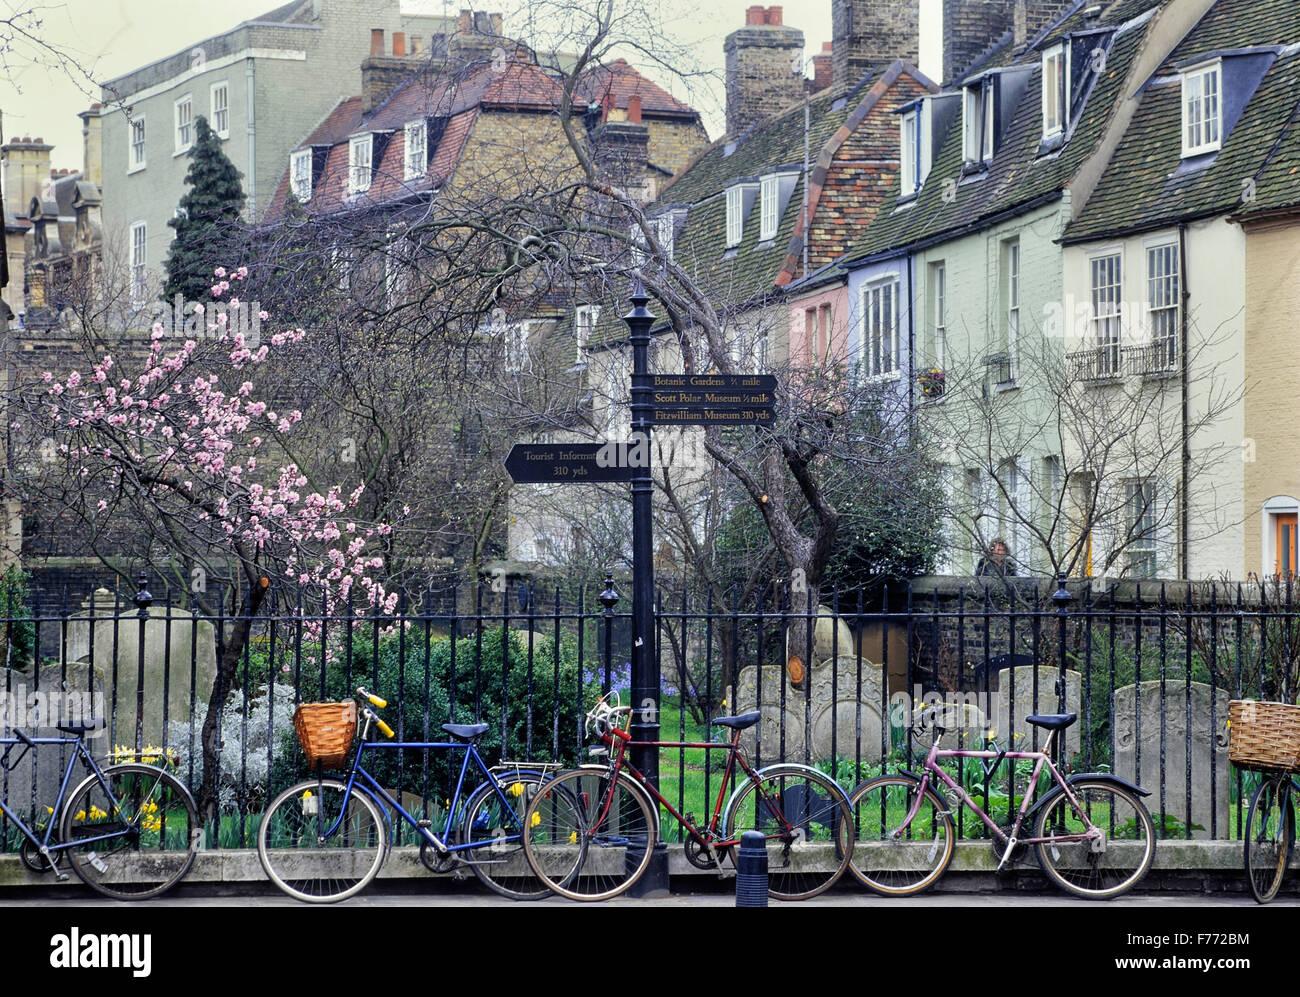 Locked student bicycles. Cambridge. Cambridgeshire. England. UK. Europe - Stock Image